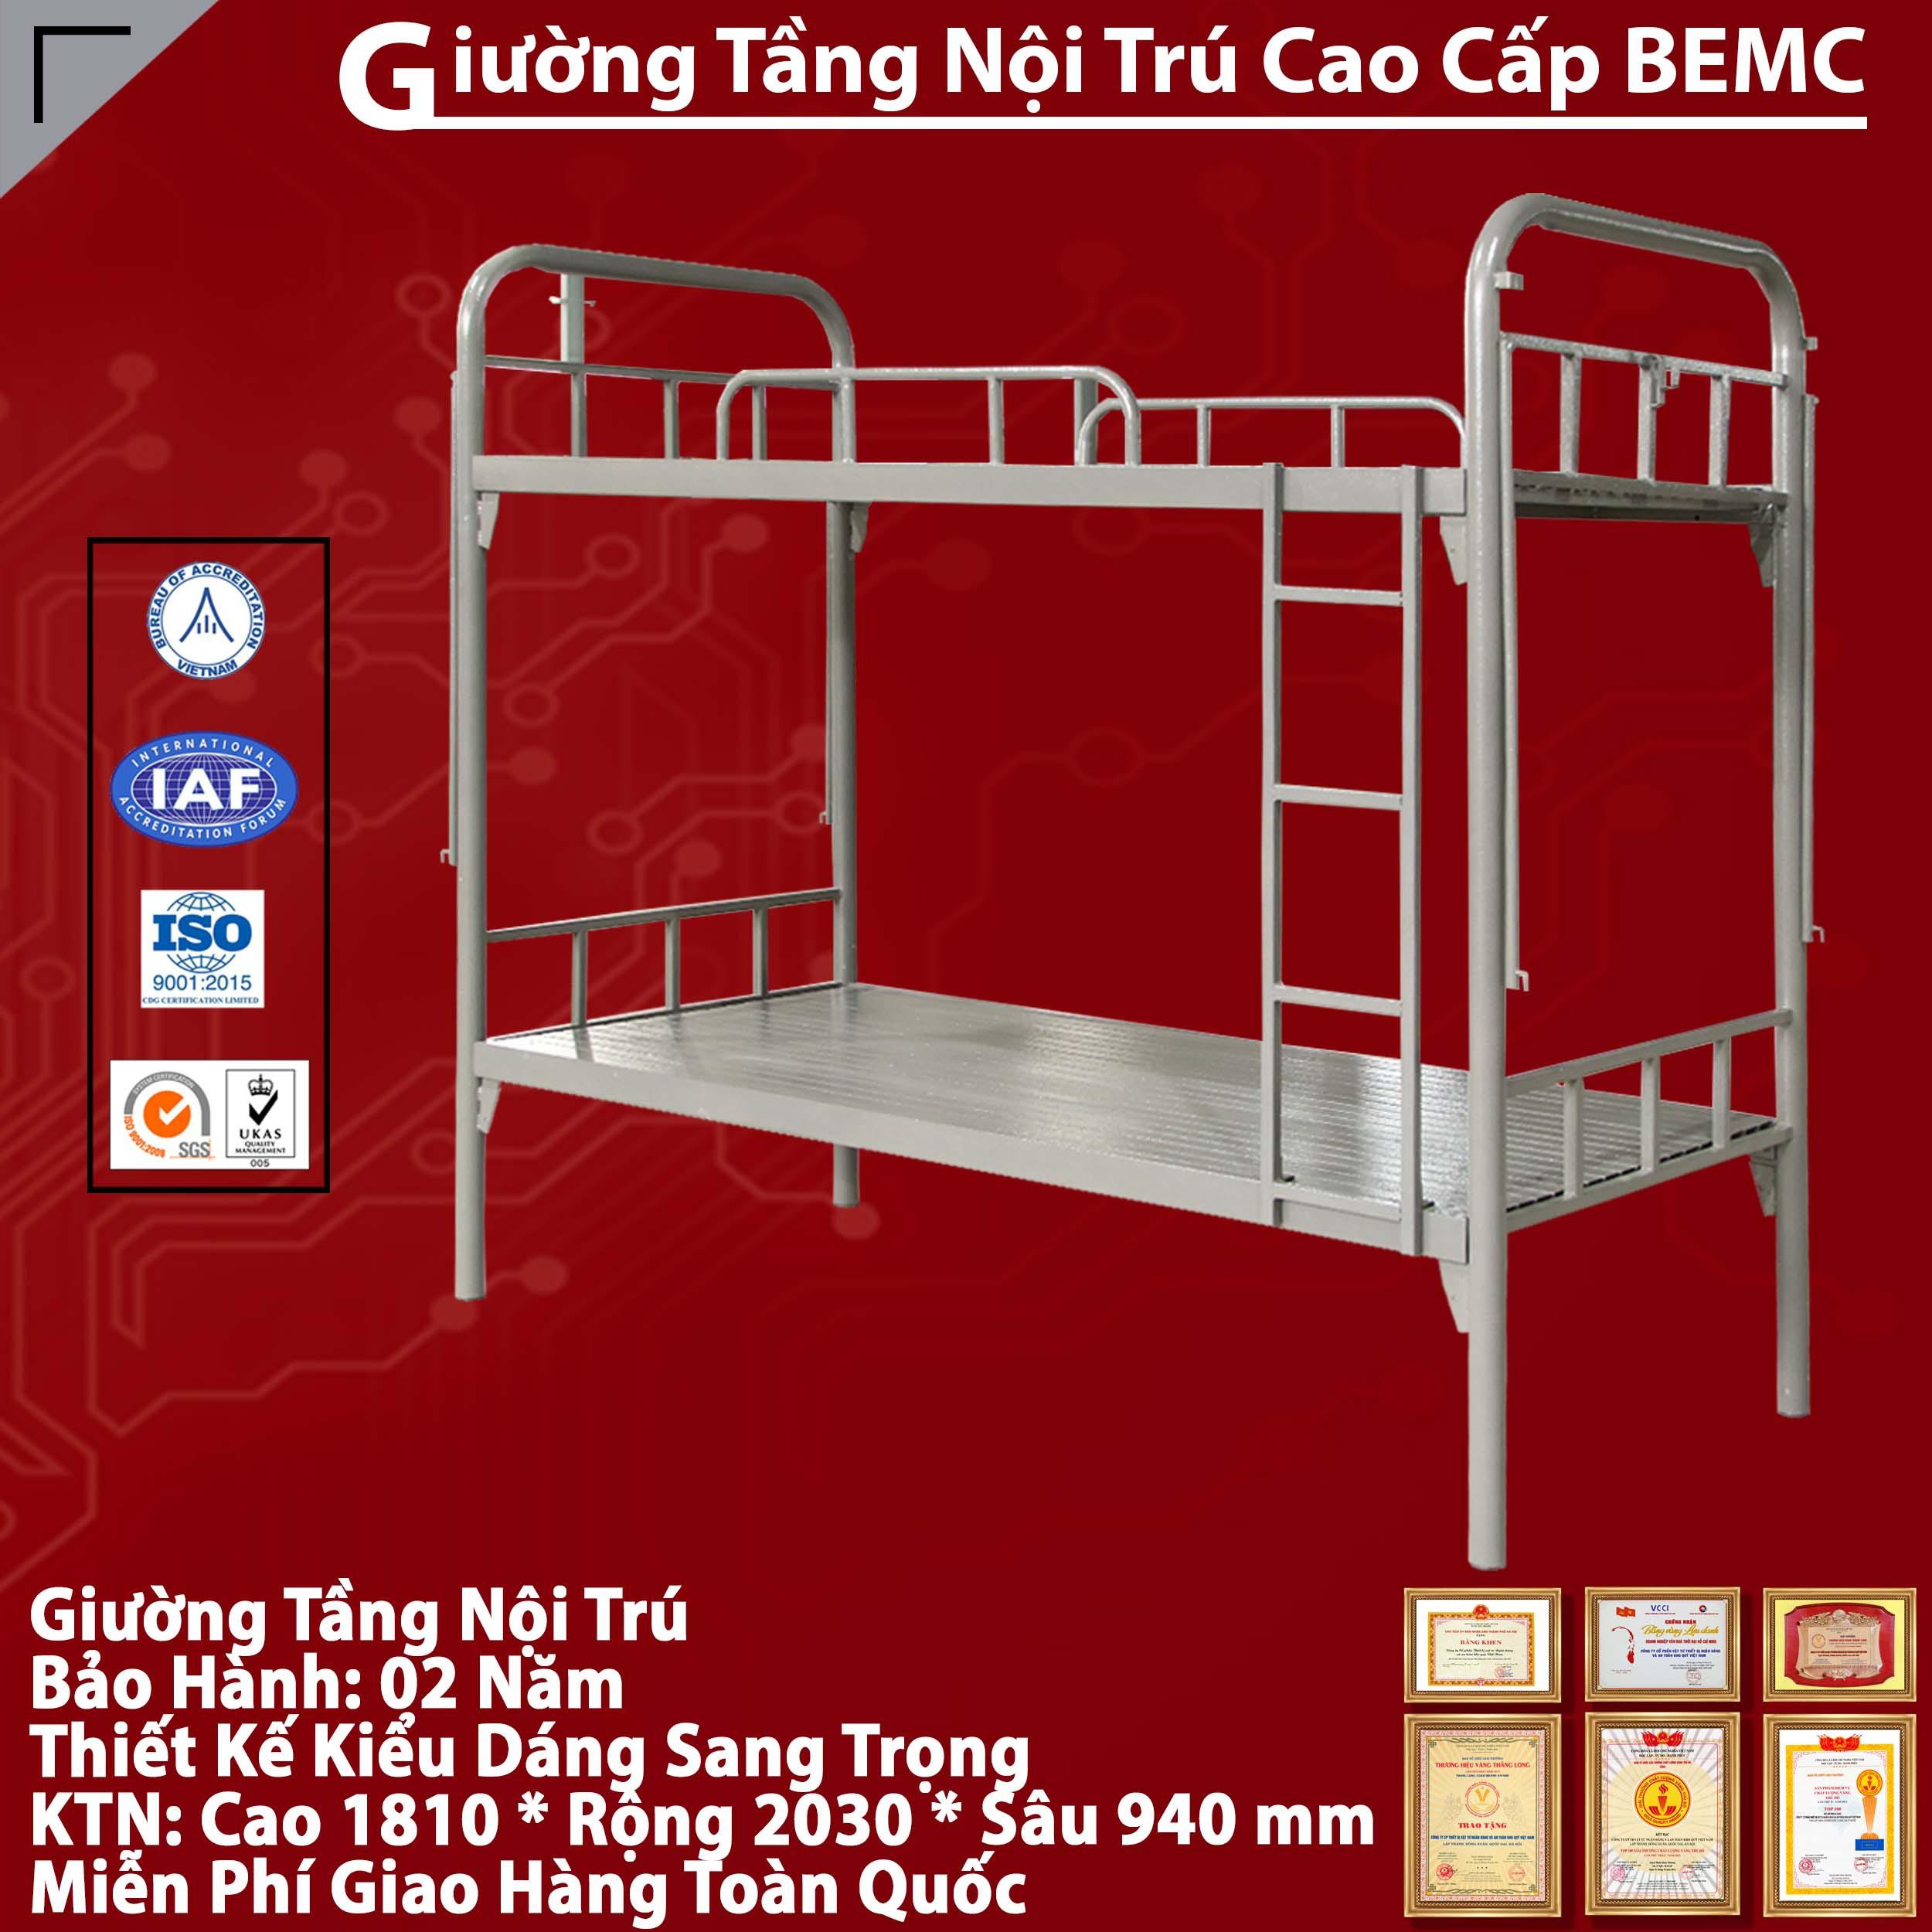 Xưởng sản xuất giường tầng